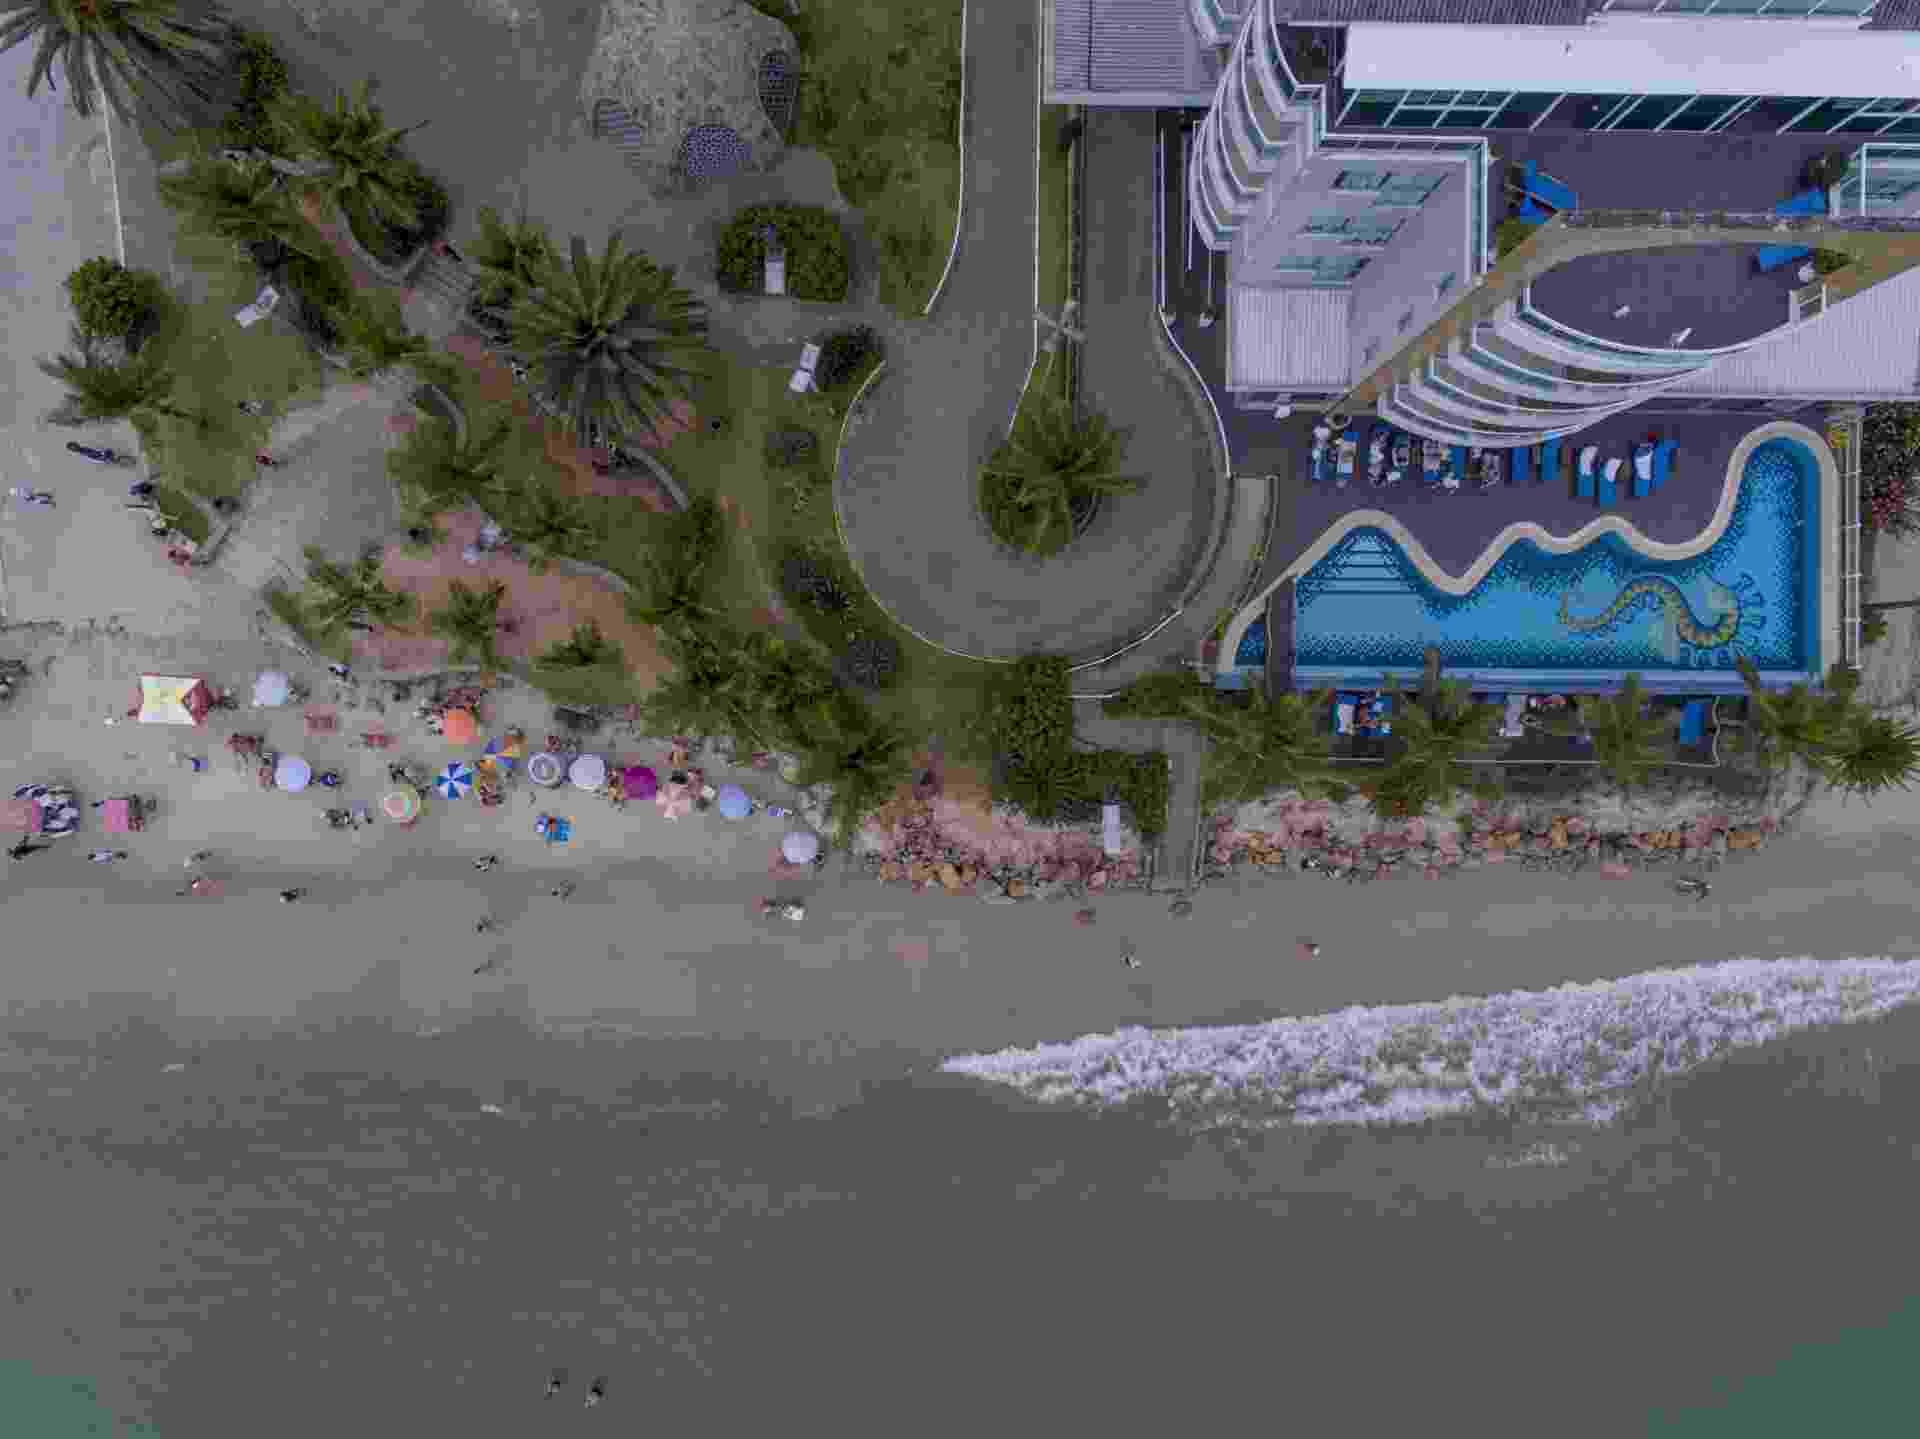 23.nov.2017 - Vista aérea do pequeno espaço de faixa de areia na praia de Canasvieiras, ao norte de Florianópolis, causado pela forte ressaca do mar - Flávio Tin/UOL